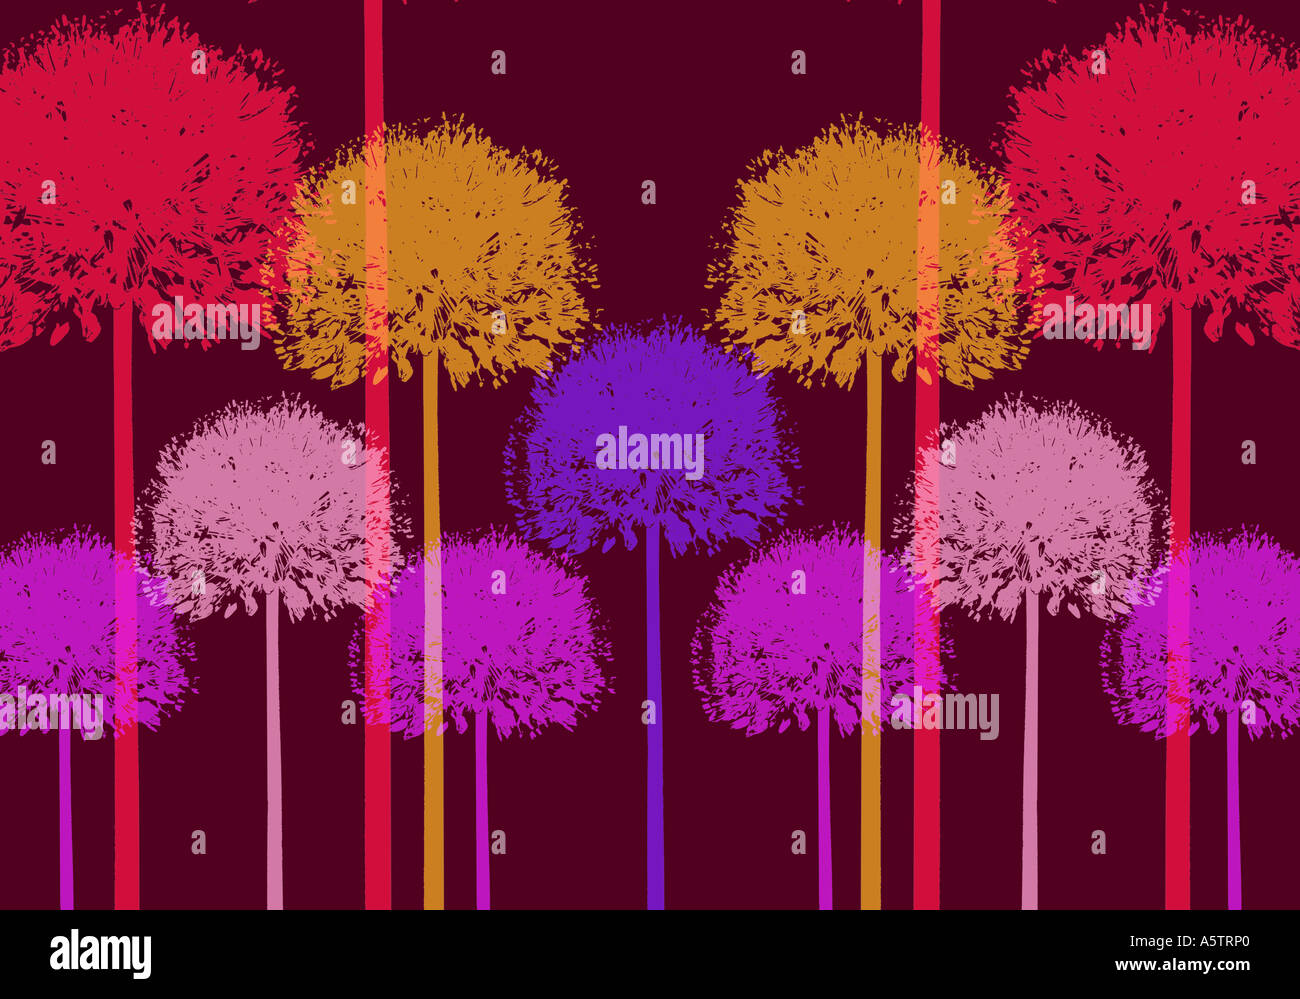 Padrão Gráfico - Allium ilustração Imagens de Stock